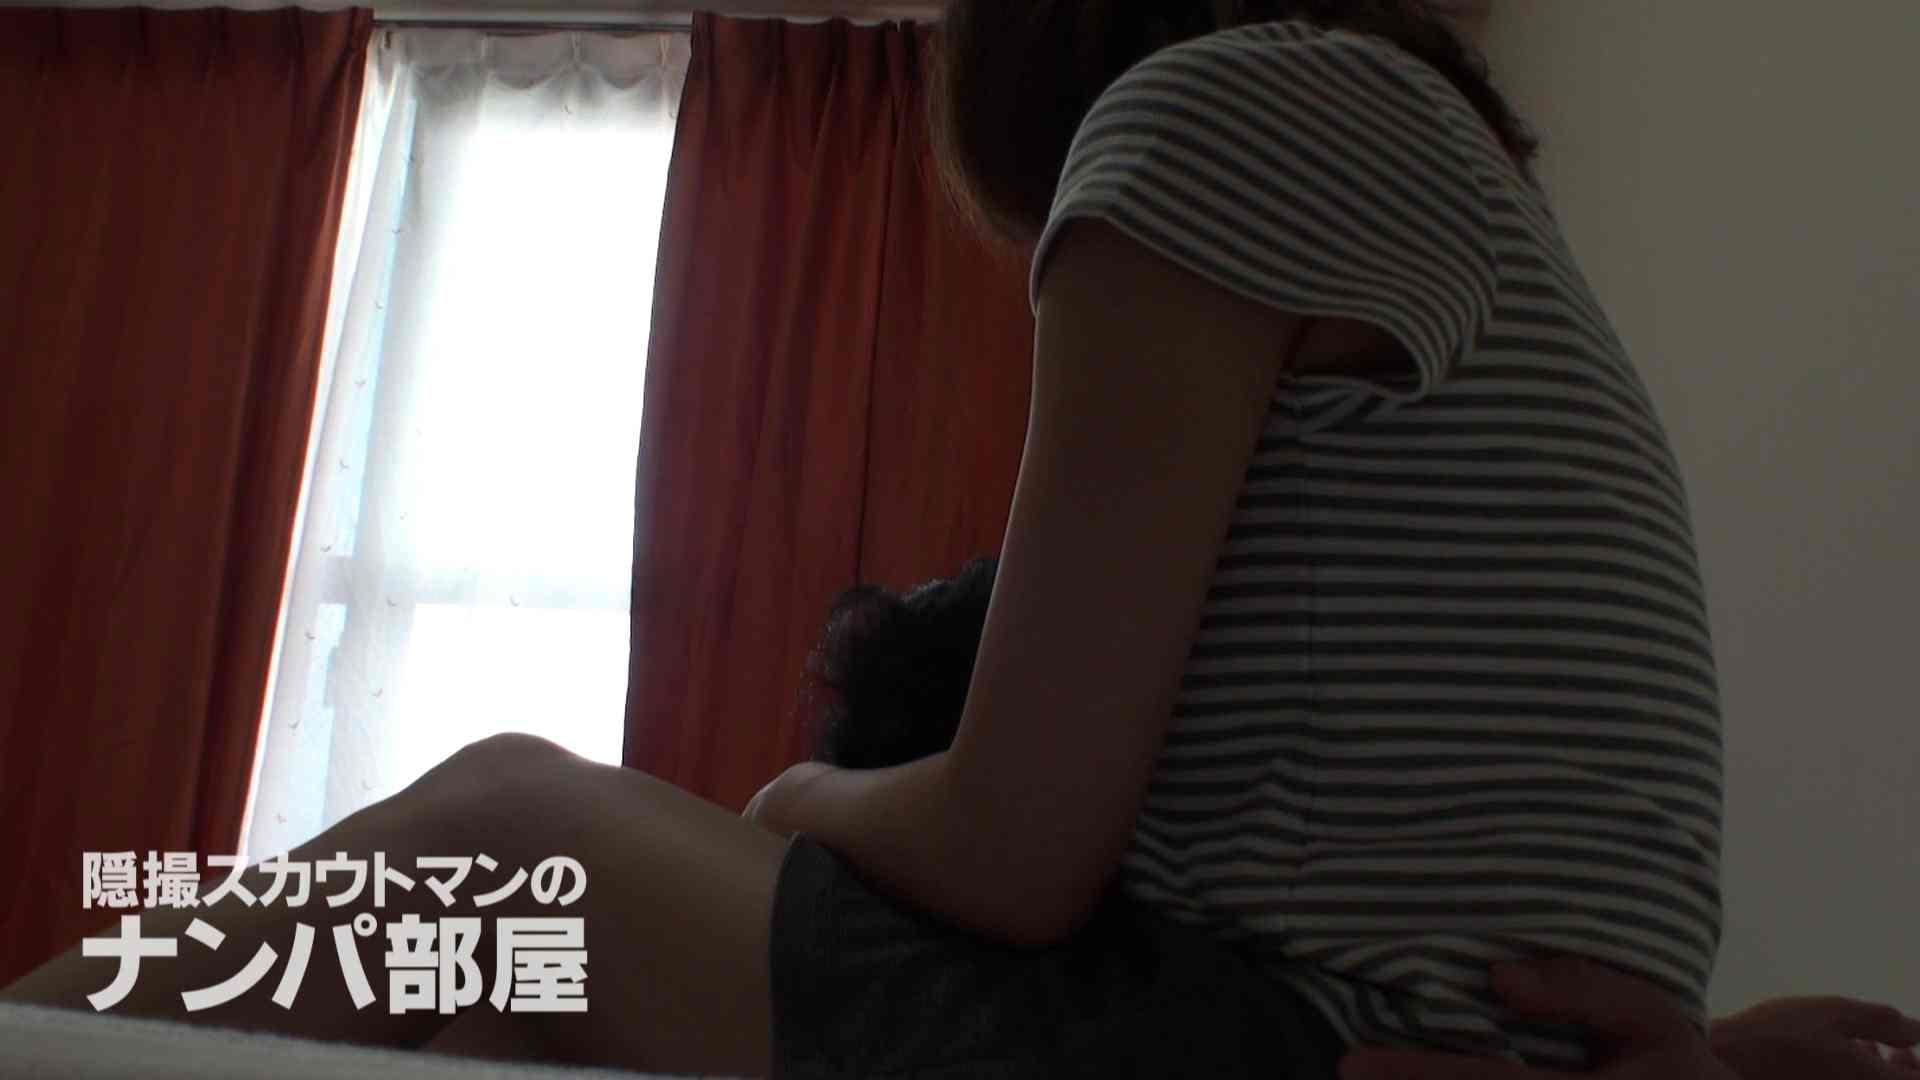 隠撮スカウトマンのナンパ部屋~風俗デビュー前のつまみ食い~ siivol.3 SEX アダルト動画キャプチャ 39連発 26